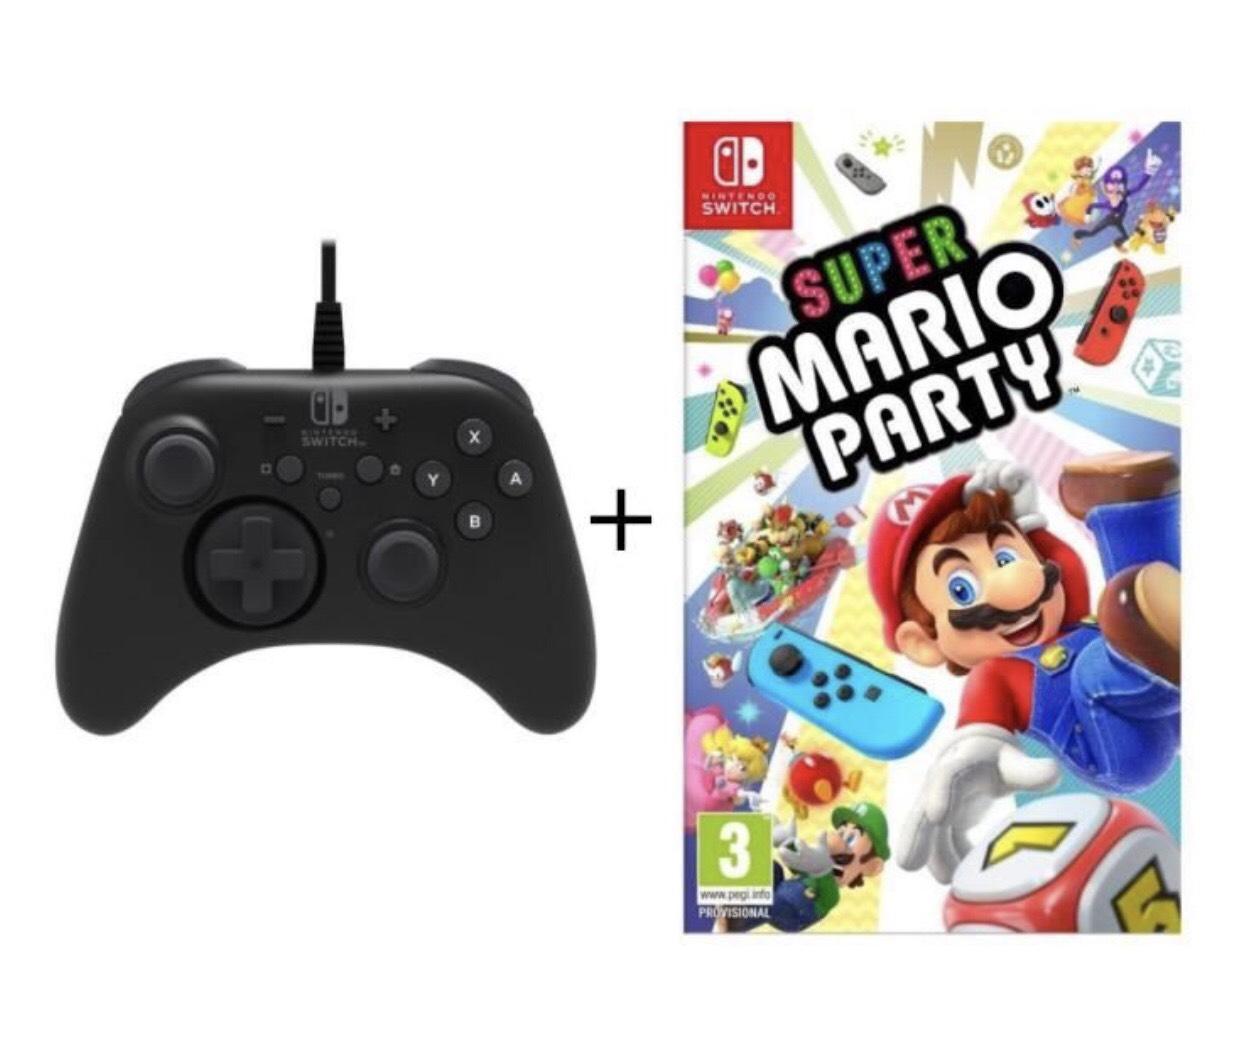 Jeu Super Mario Party + Manette Hori Pro pour Nintendo Switch